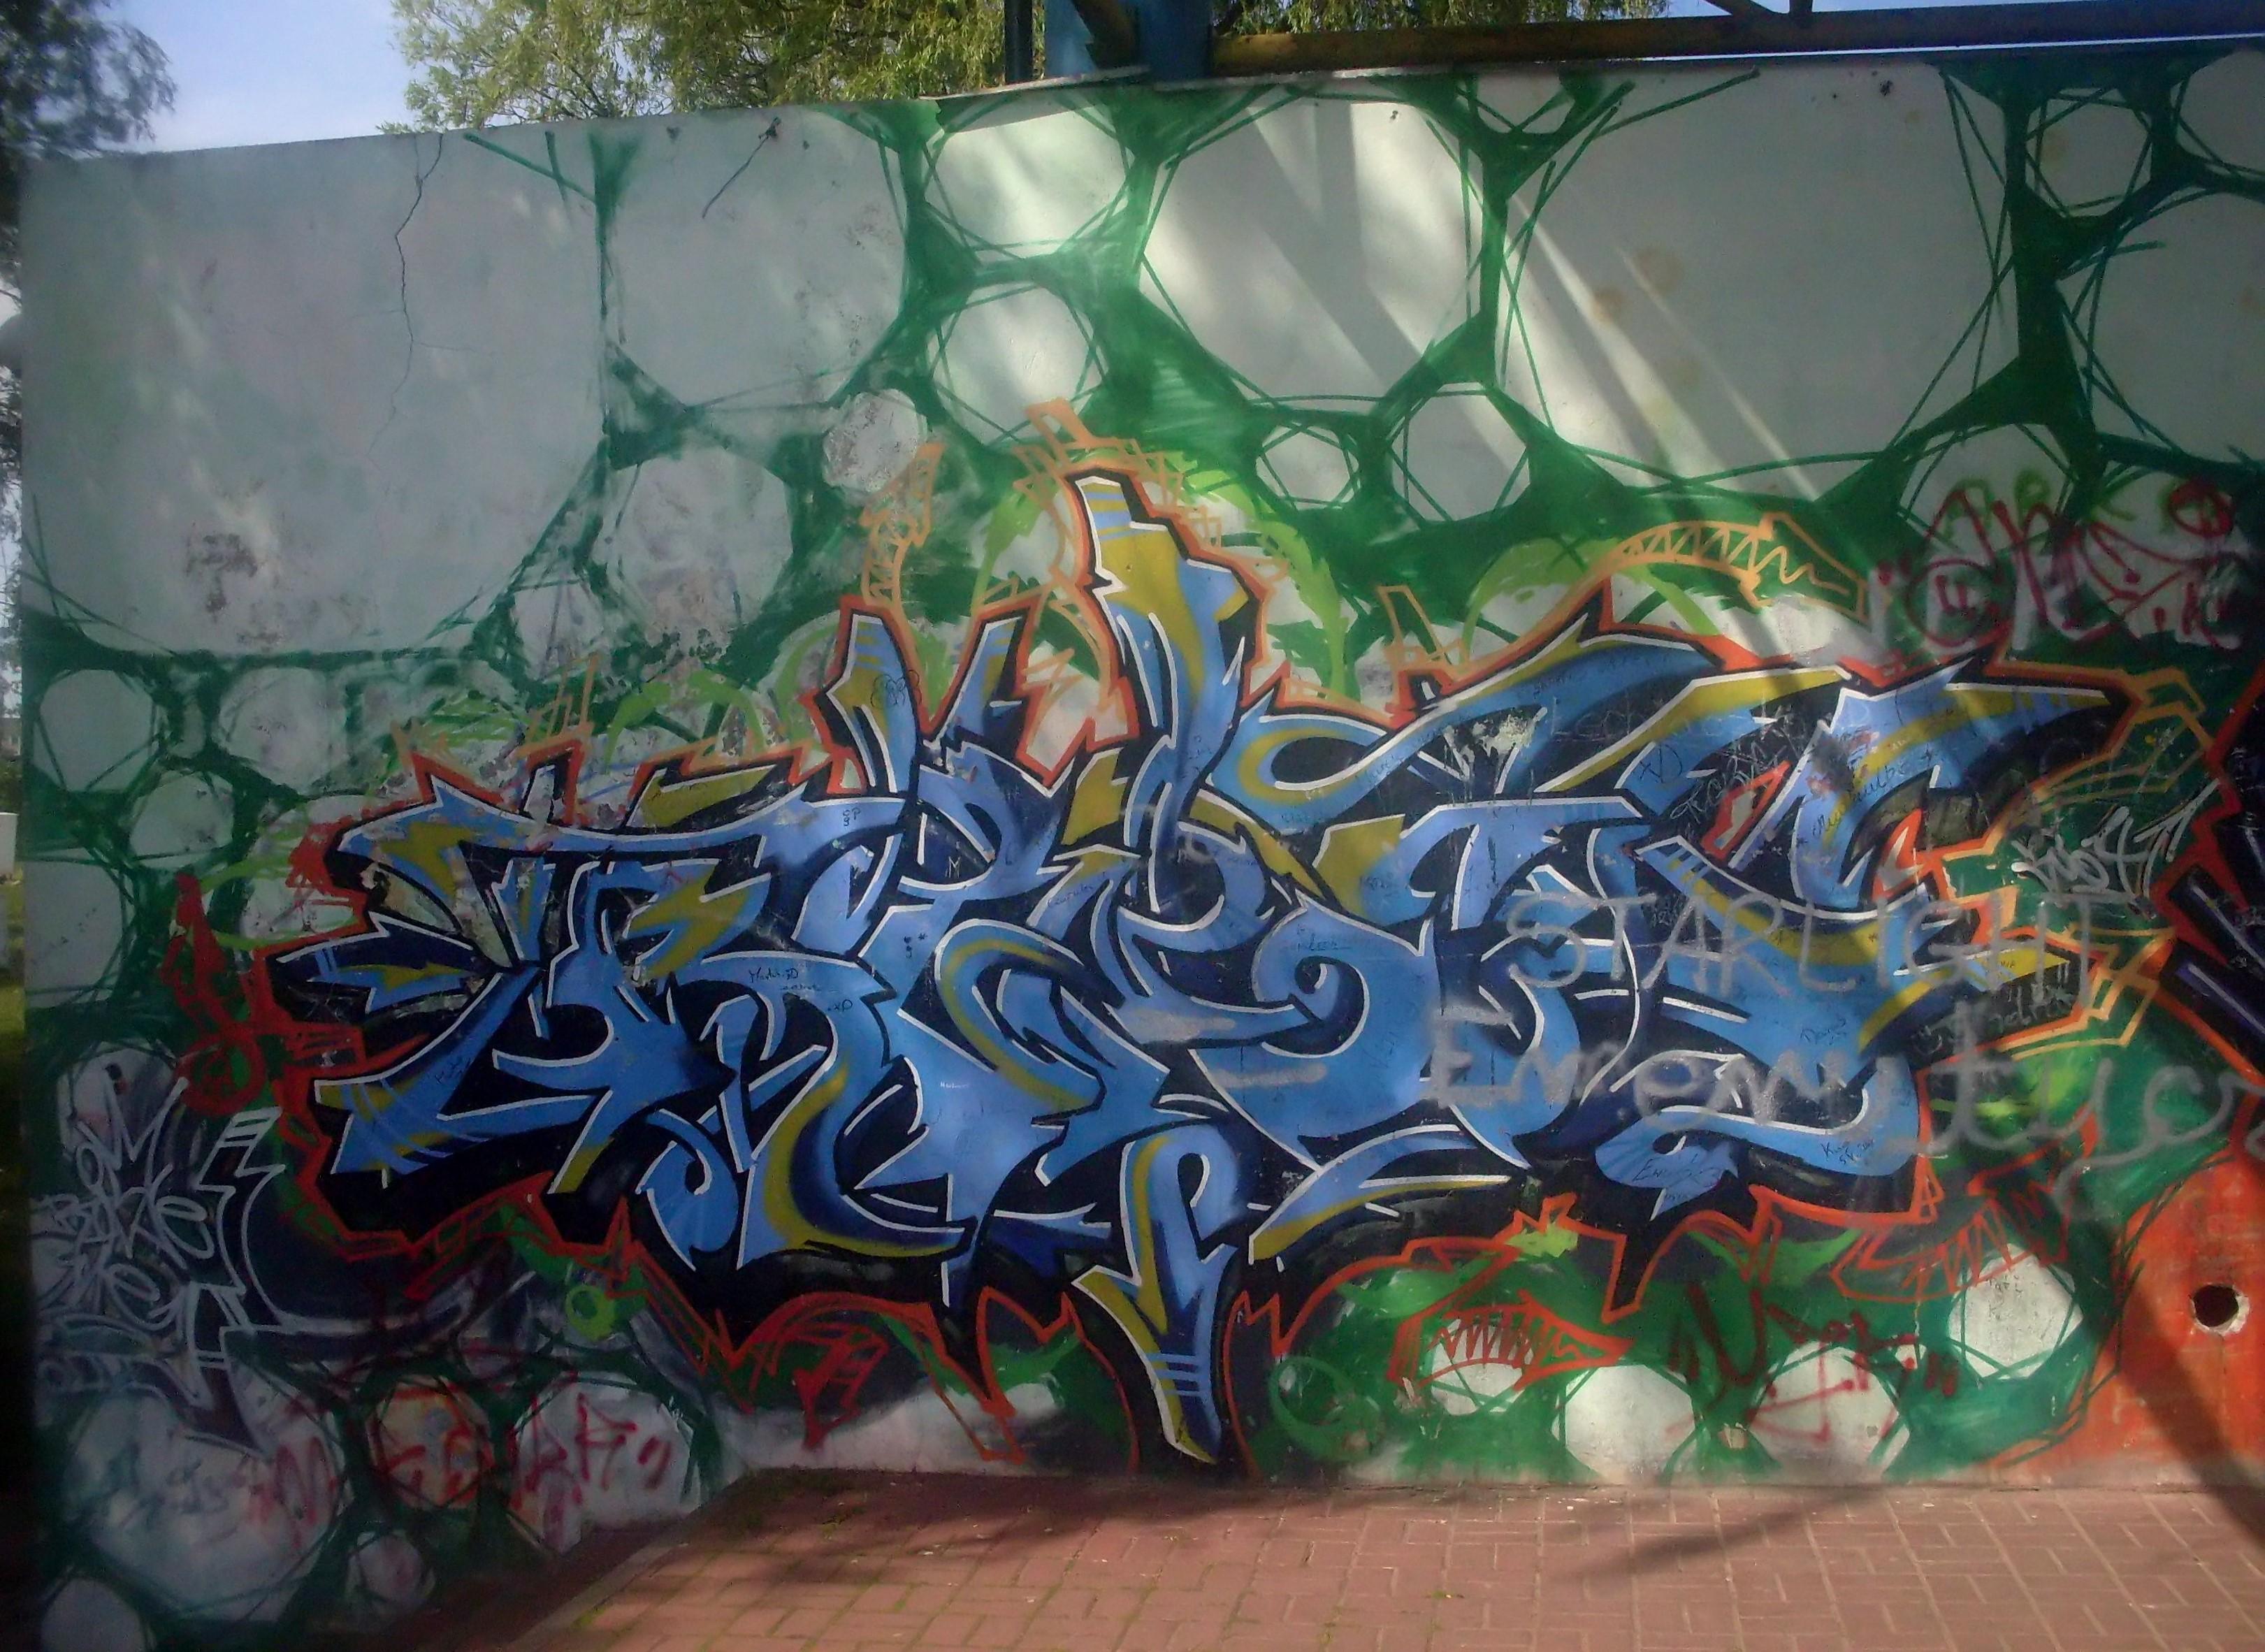 Filegraffiti at city park in gdynia obluze 2 jpg